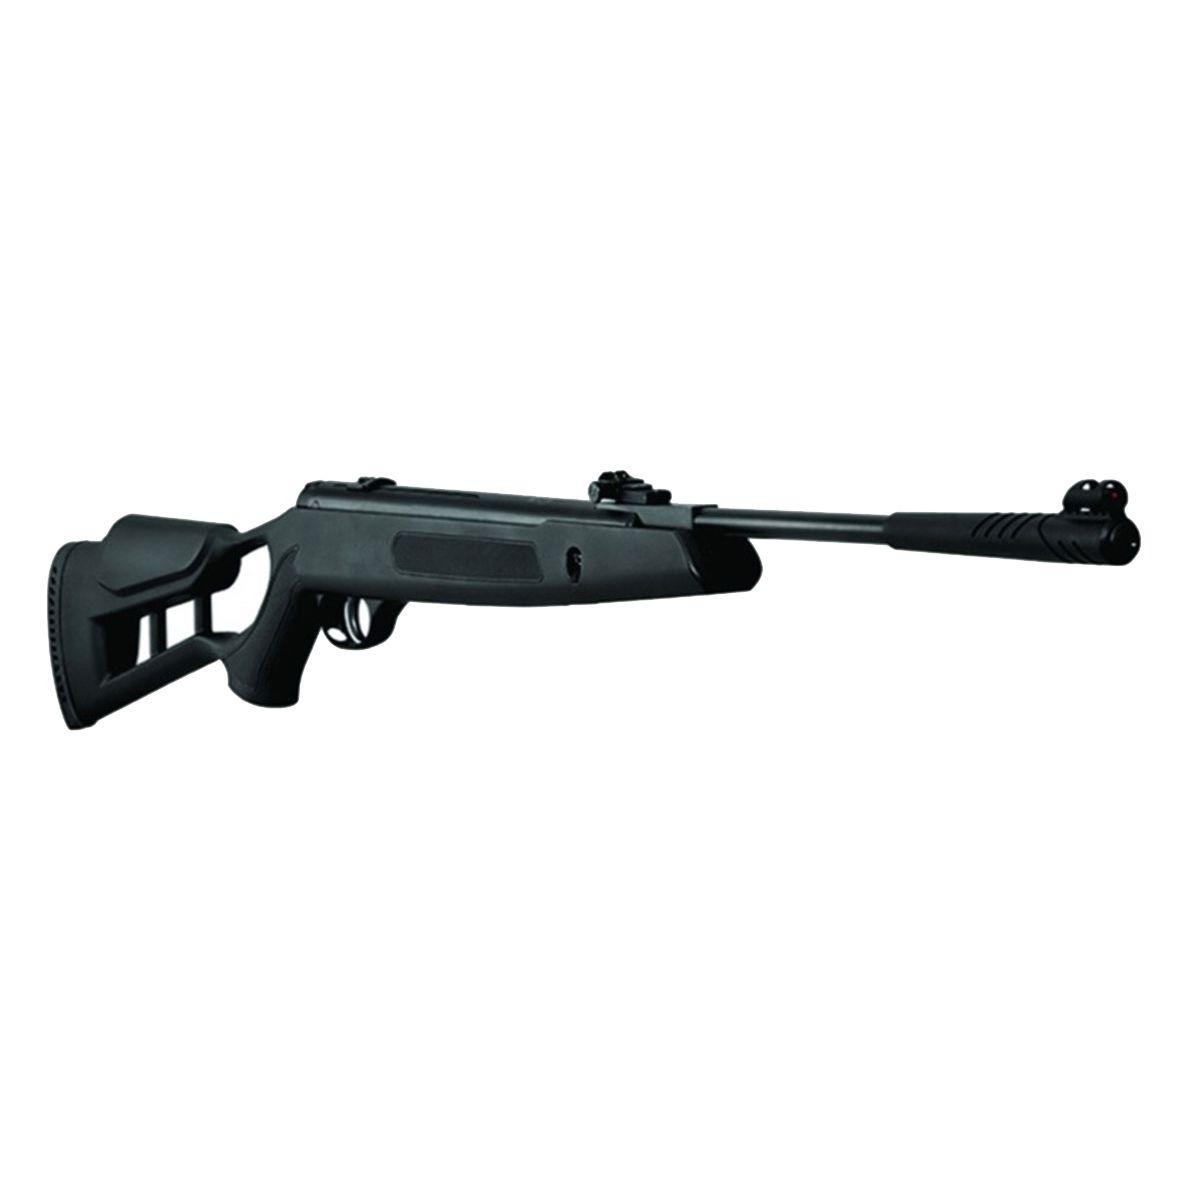 Carabina de Pressão Hatsan Striker Edge 5,5mm